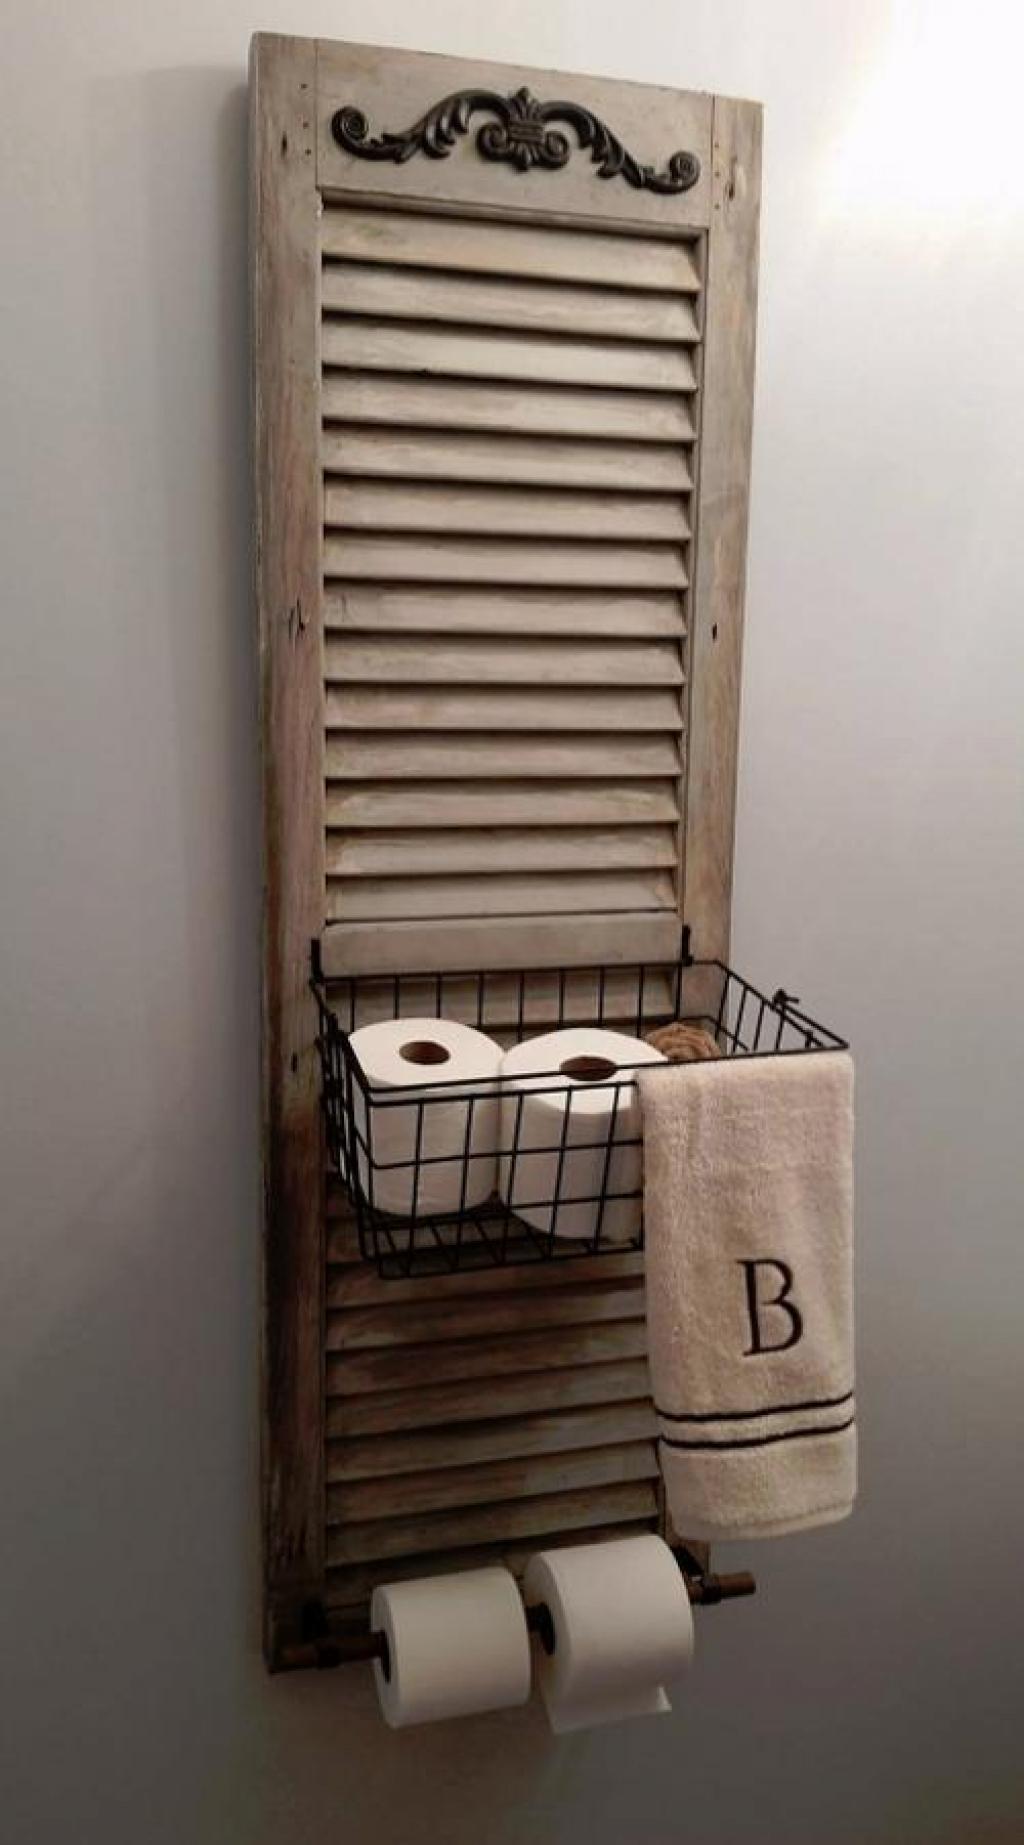 Panier de rangement et distributeur de papier toilette blanchis à la chaux